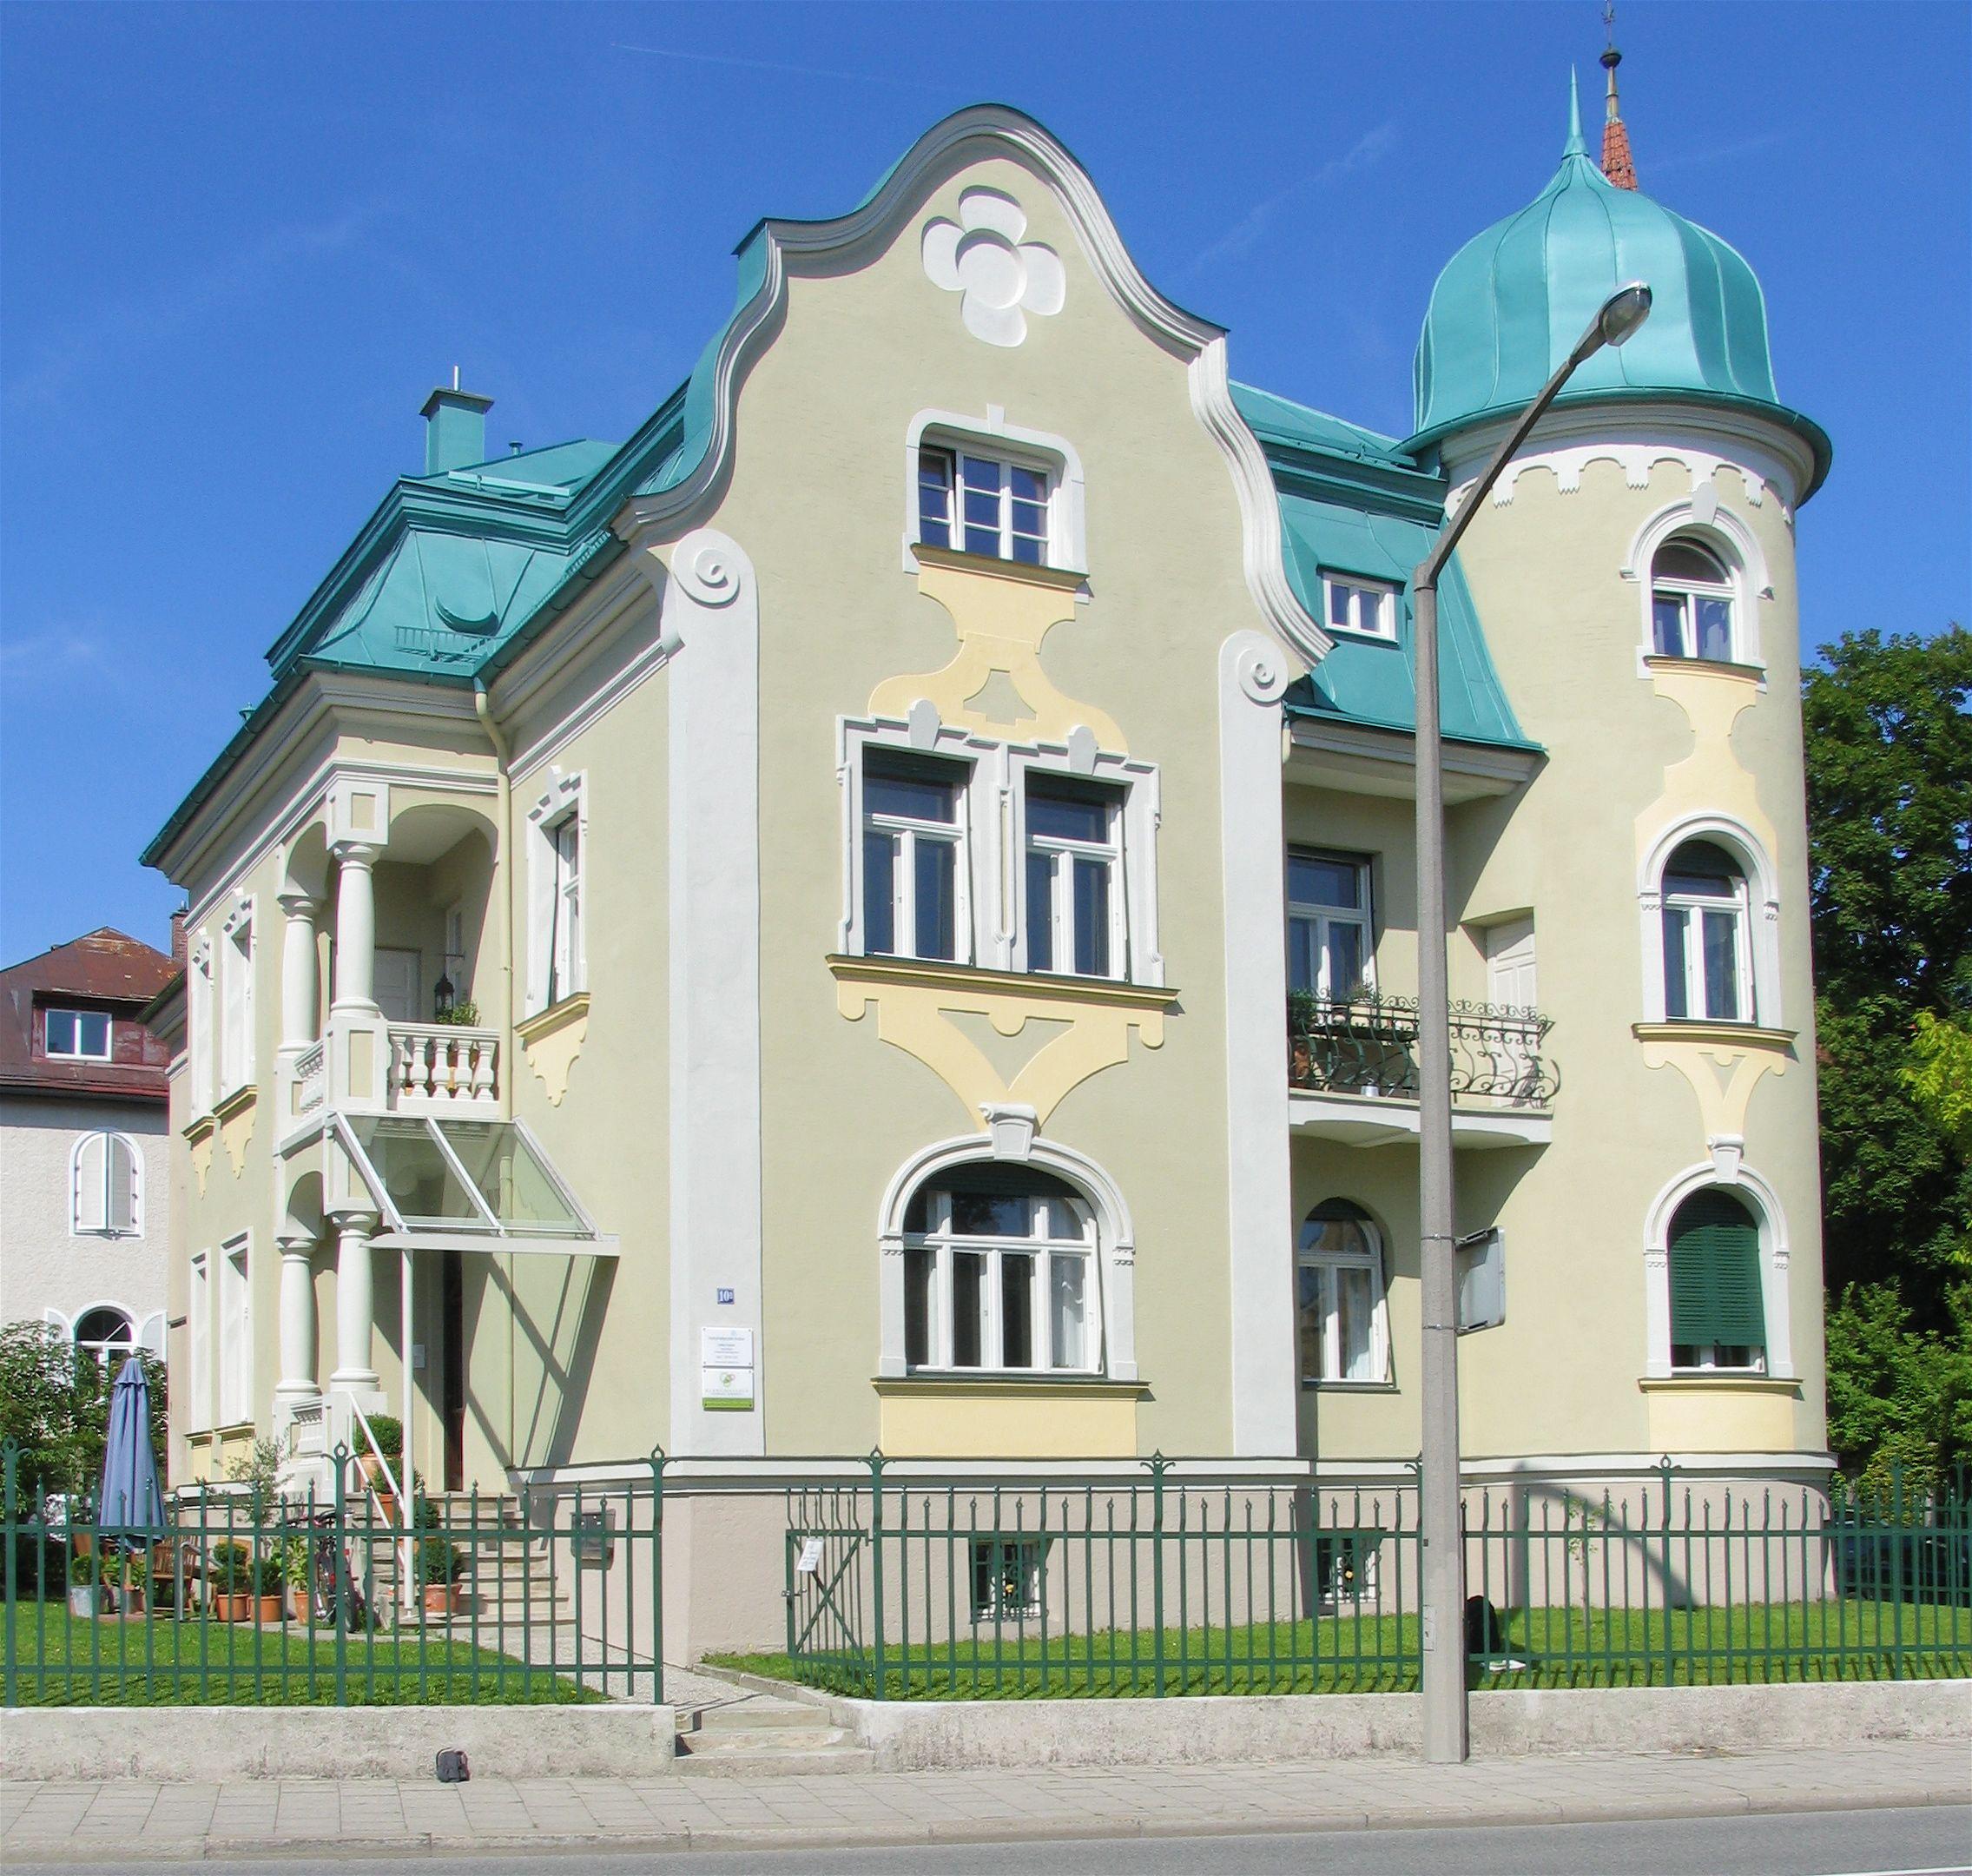 Fassadenpreis Platz 1 villa Fassade, Zwerchgiebel, Villen